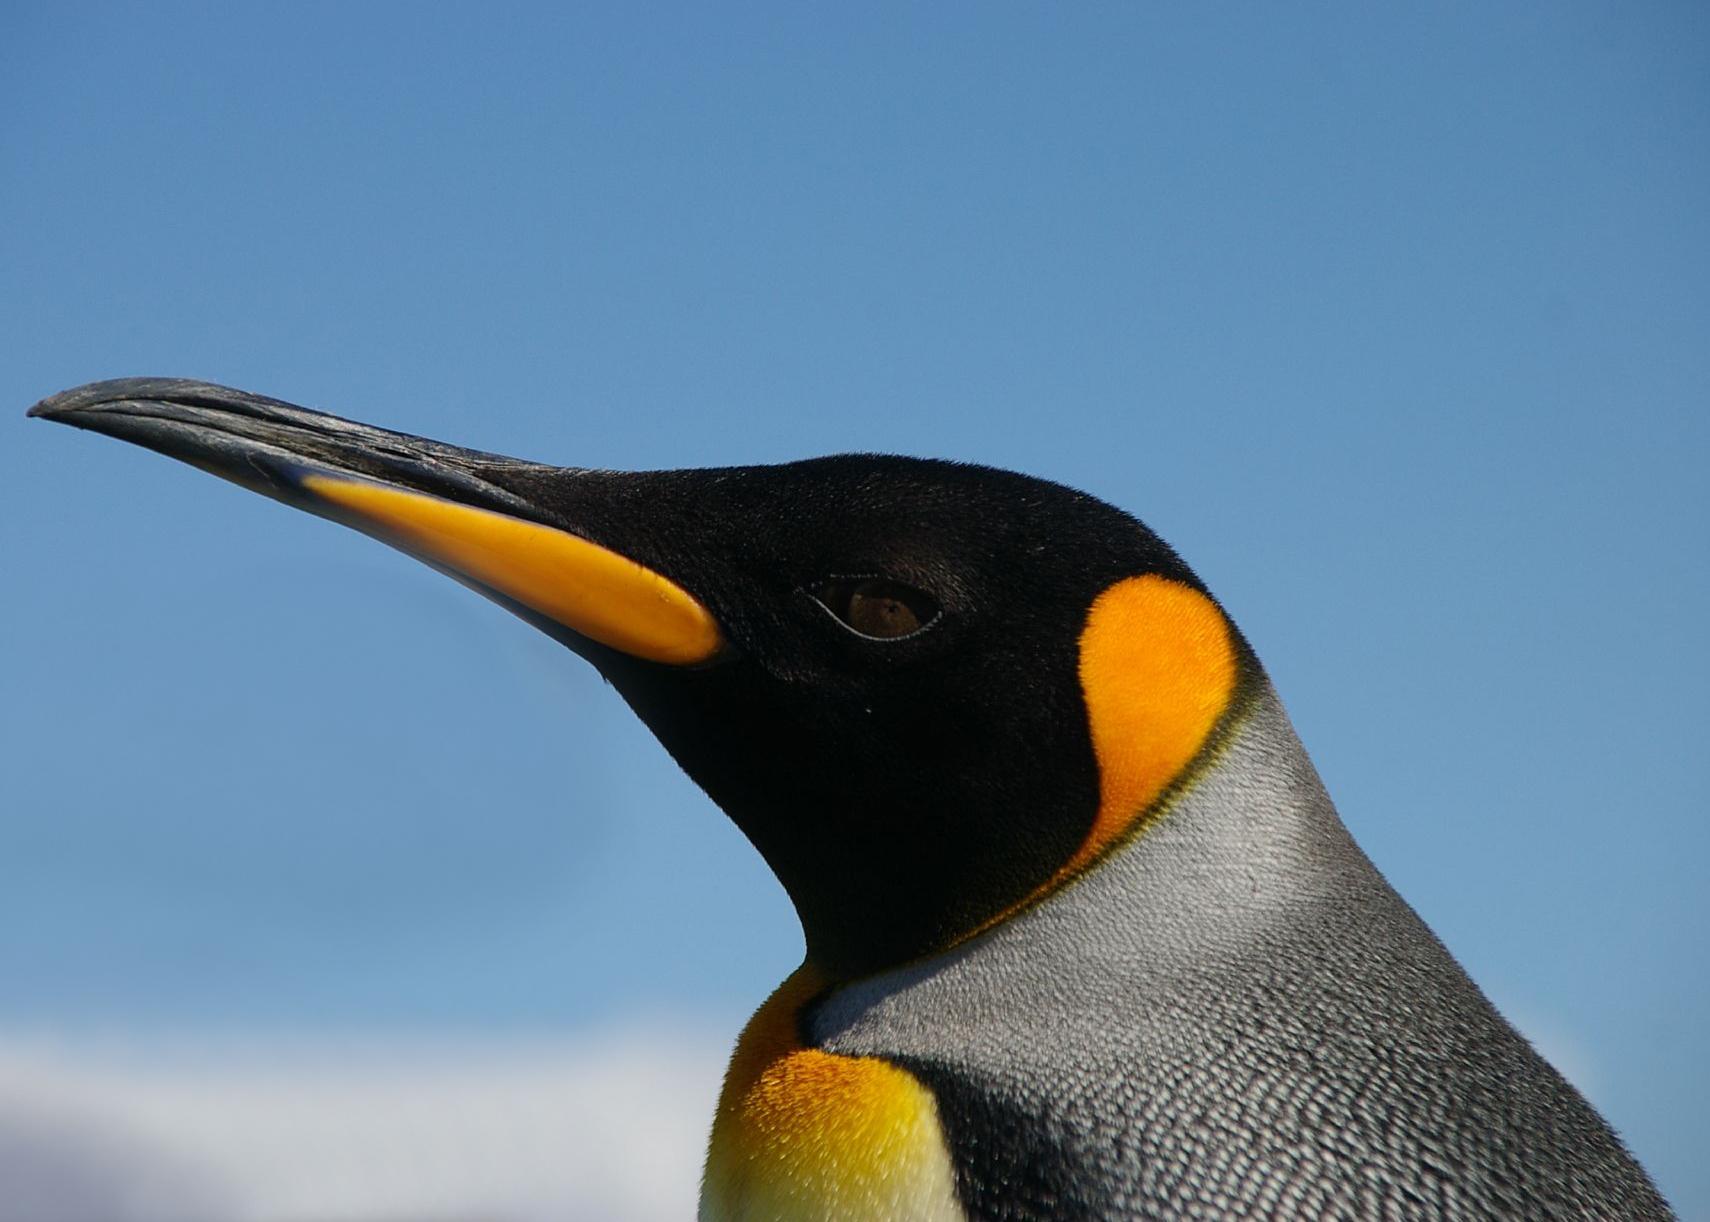 Императорский пингвин, скачать фото, обои для рабочего стола, фото